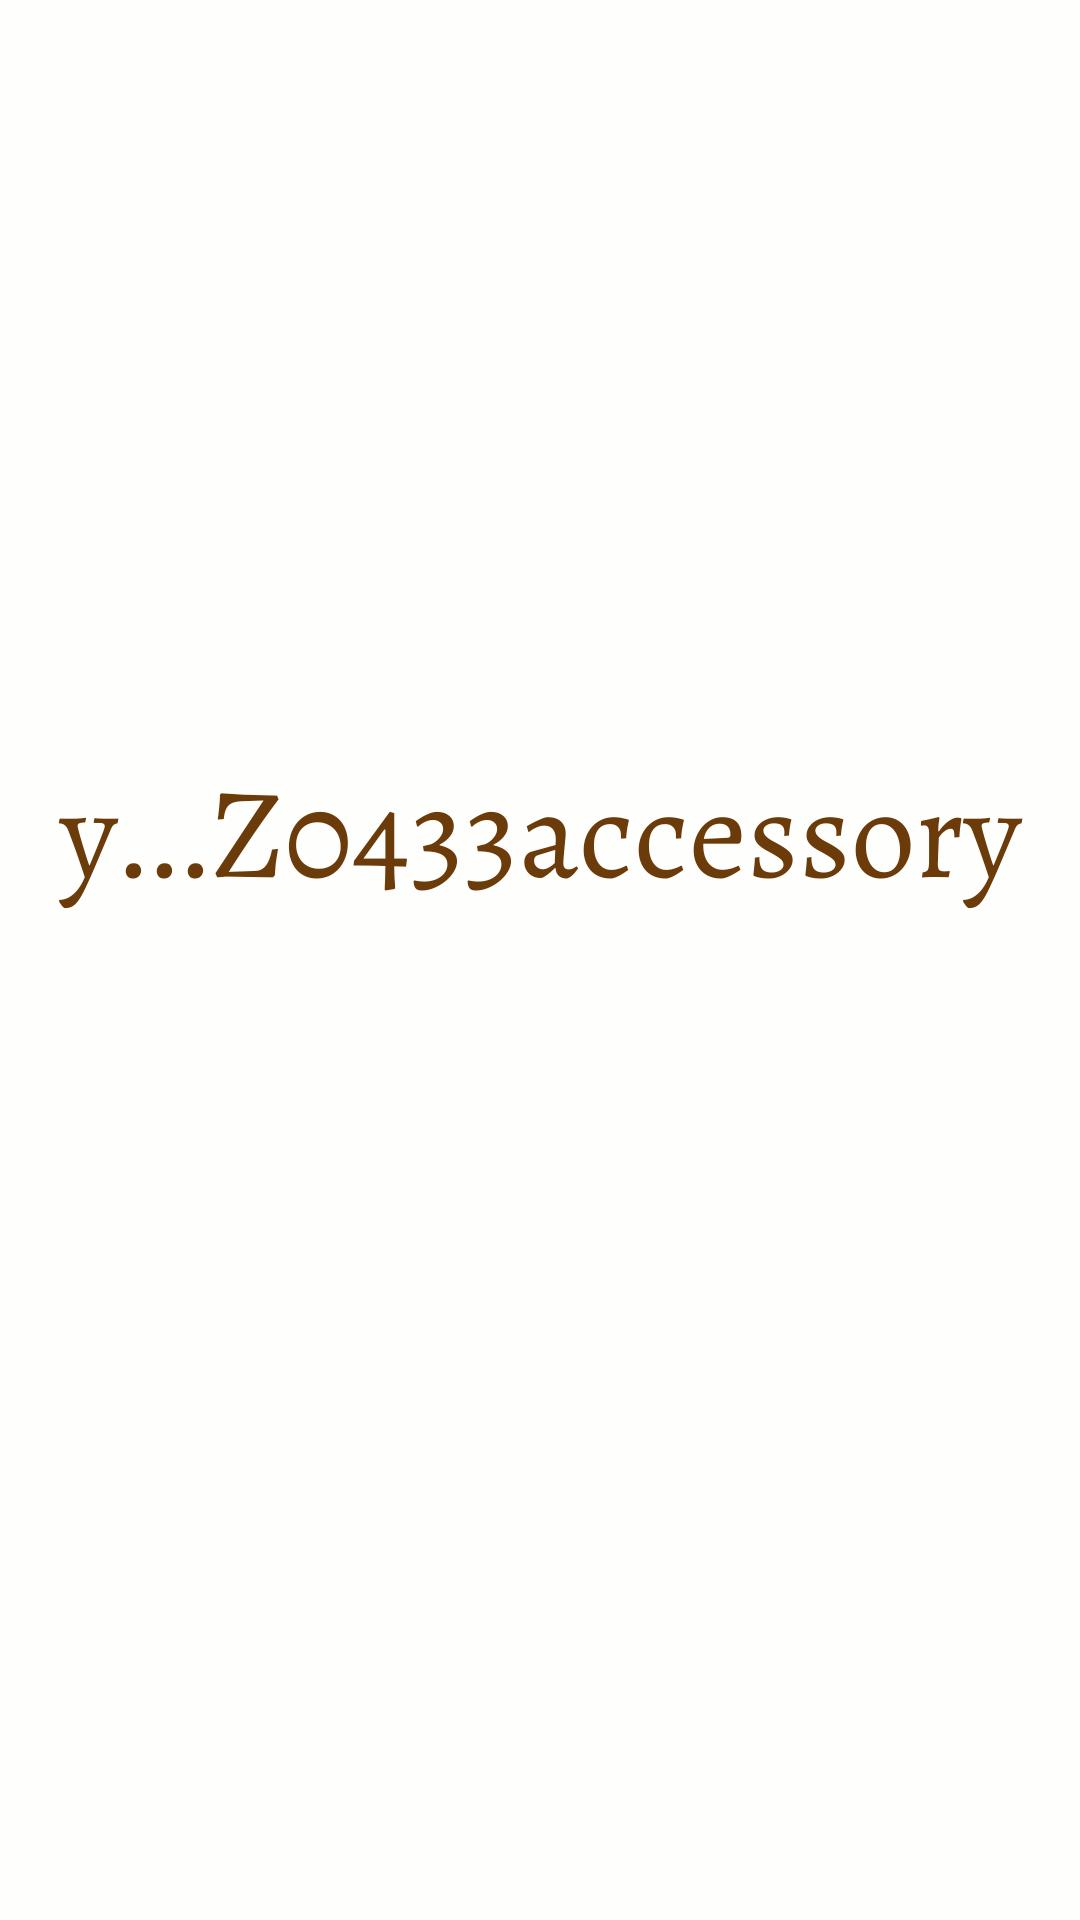 y...z0433accessory